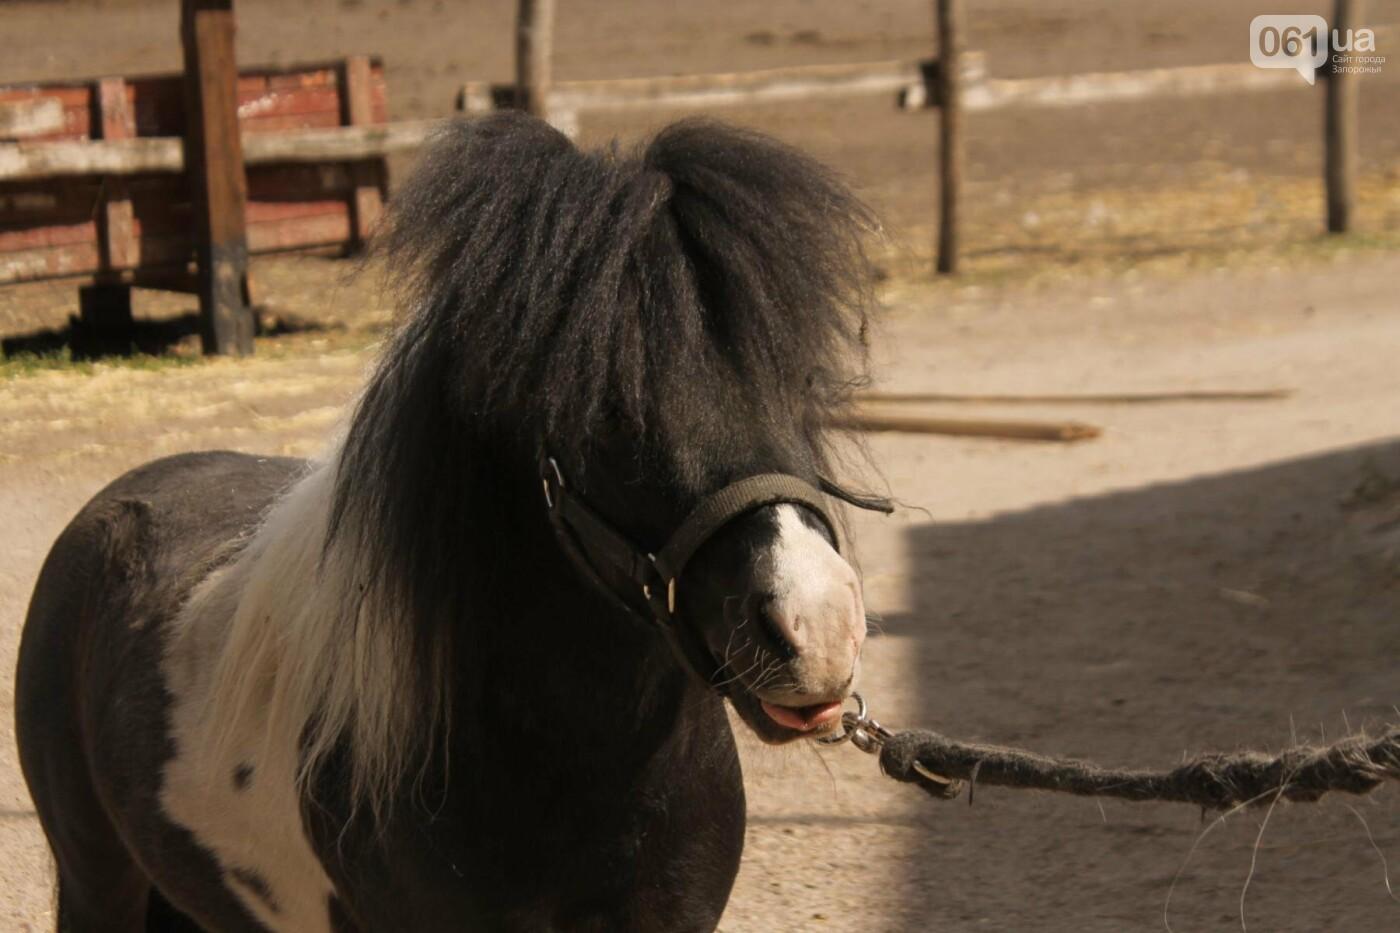 Незабываемое общение с лошадьми: экскурсия в конноспортивный клуб «Патриот», – ФОТОРЕПОРТАЖ, фото-23